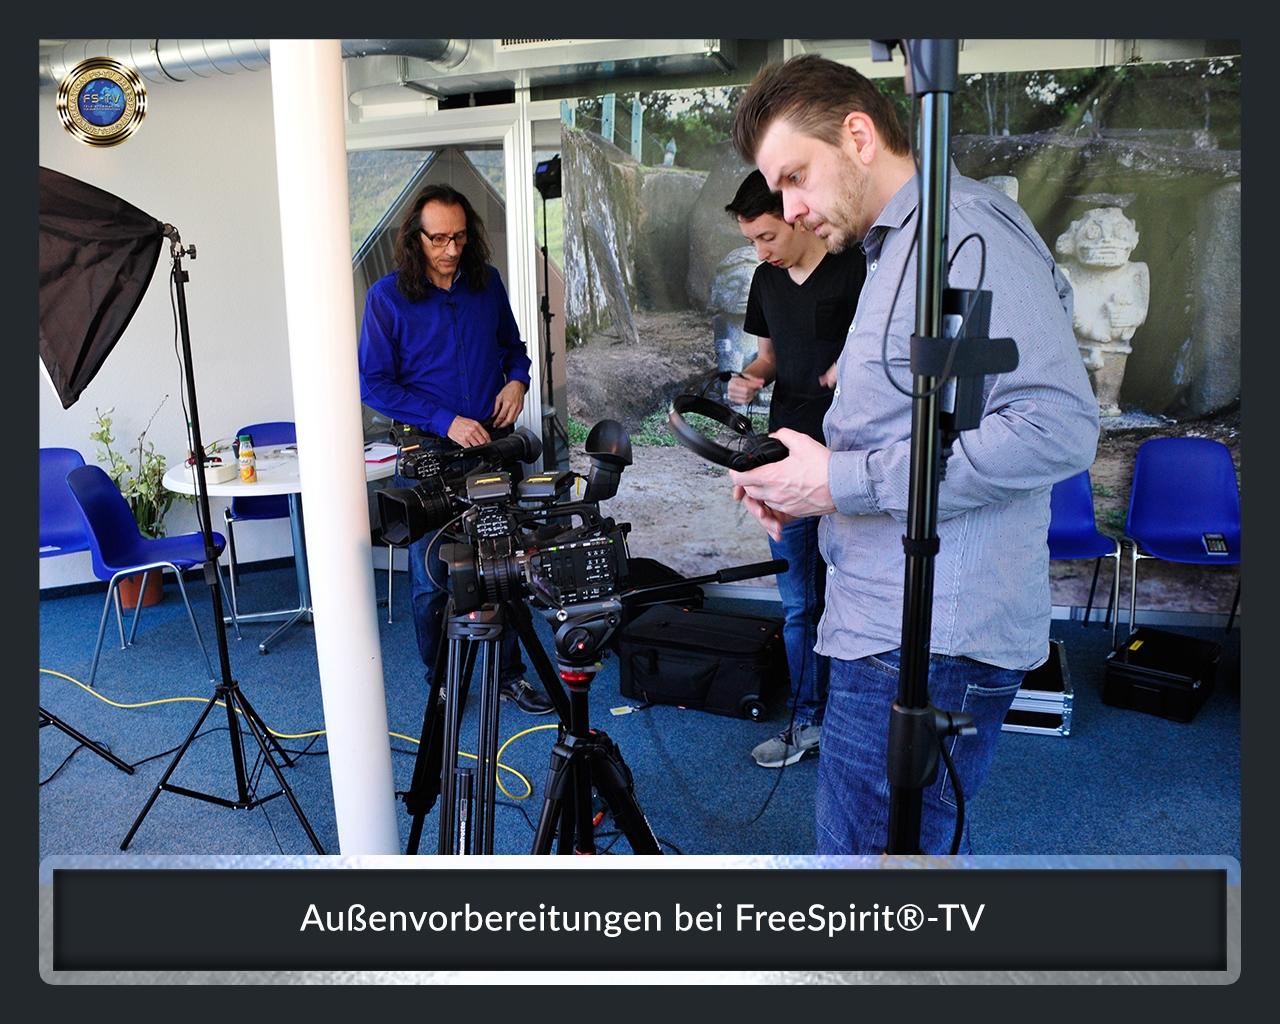 FS-TV-Bildergallerie-Aussenvorbereitungen